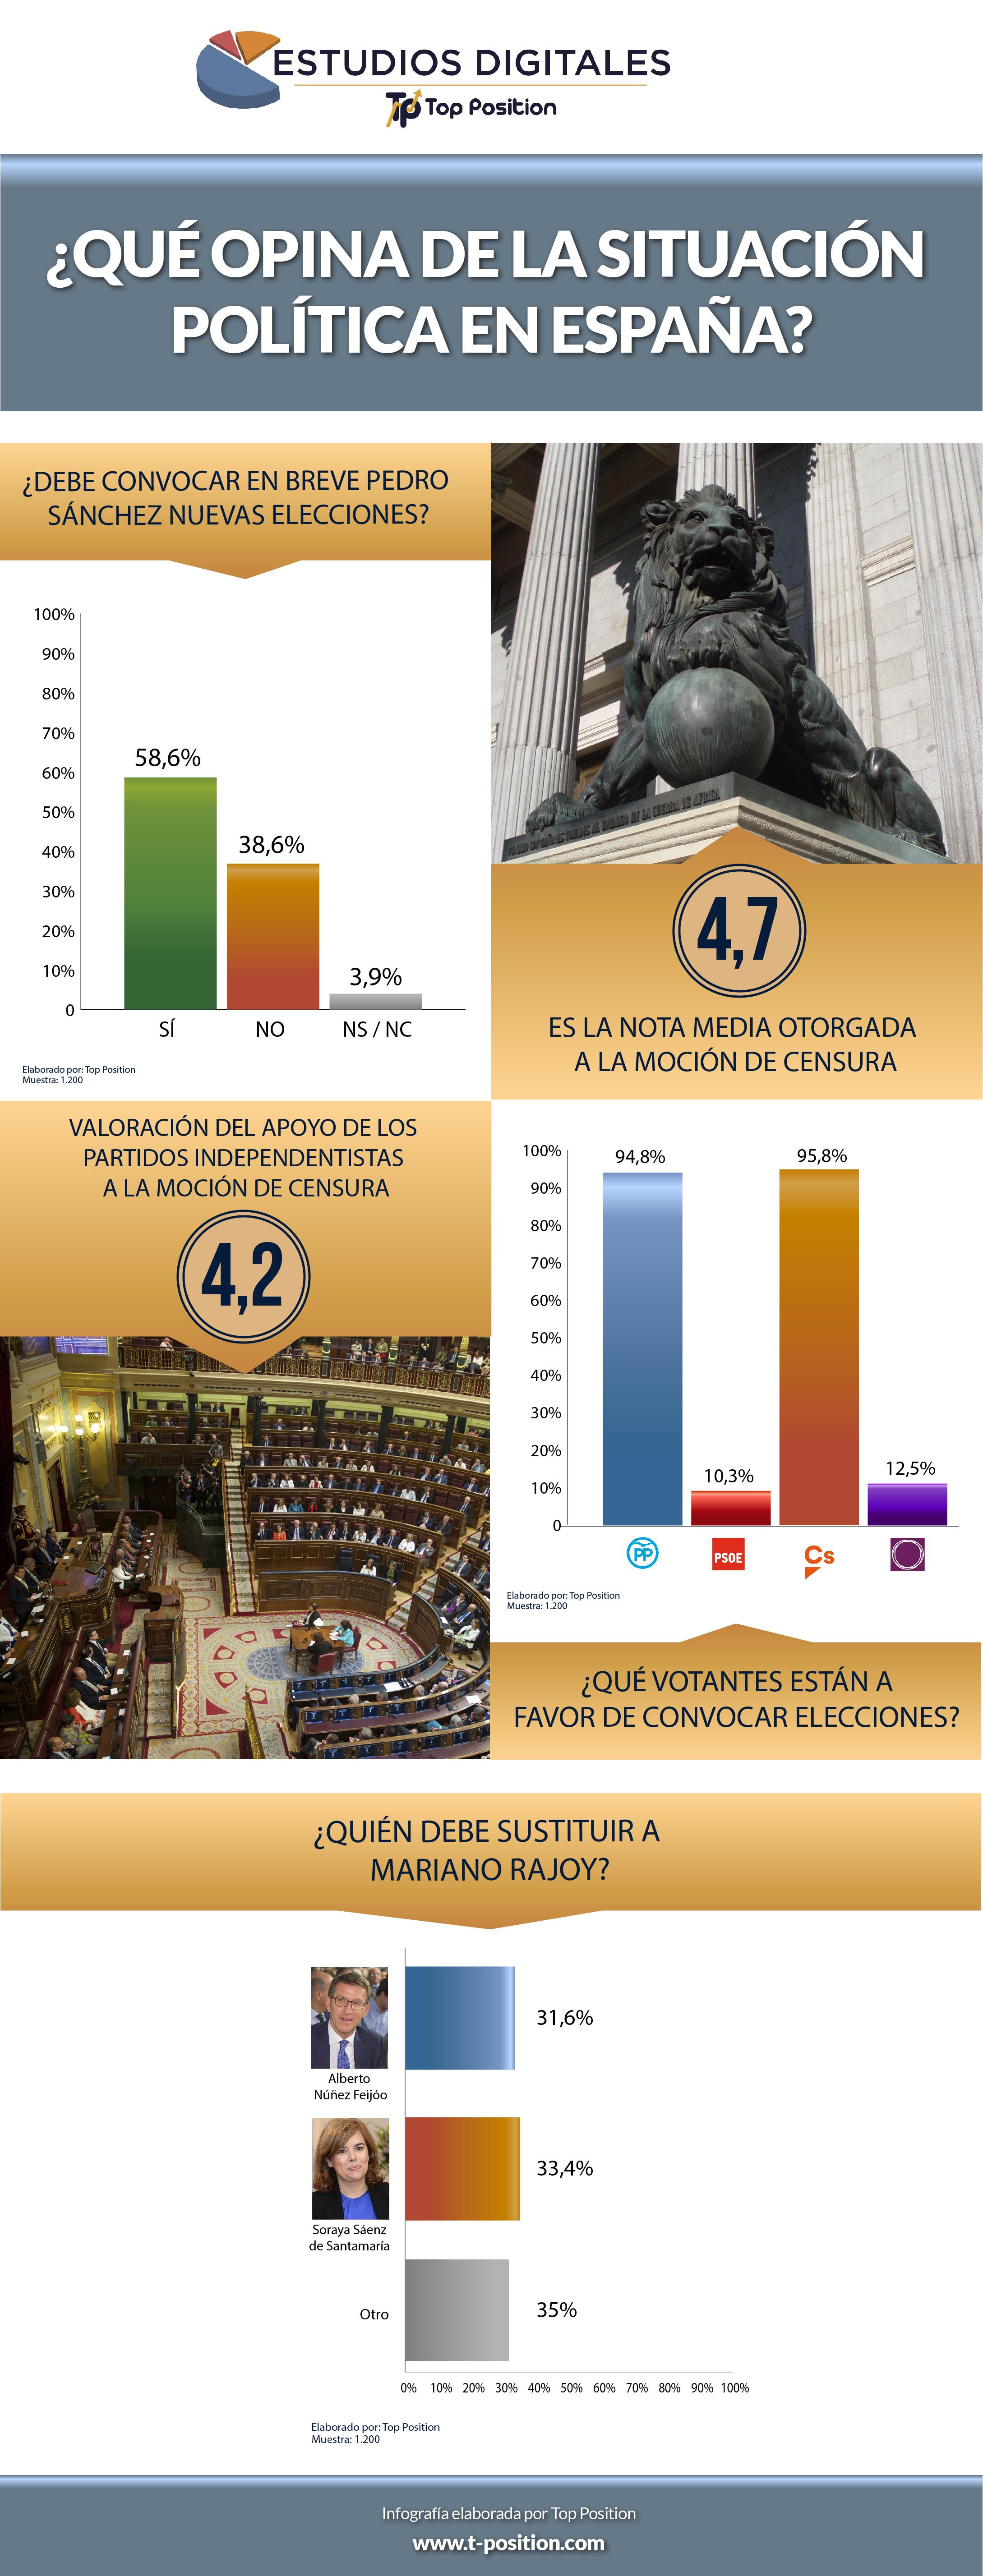 infografia-situacion-politica-españa